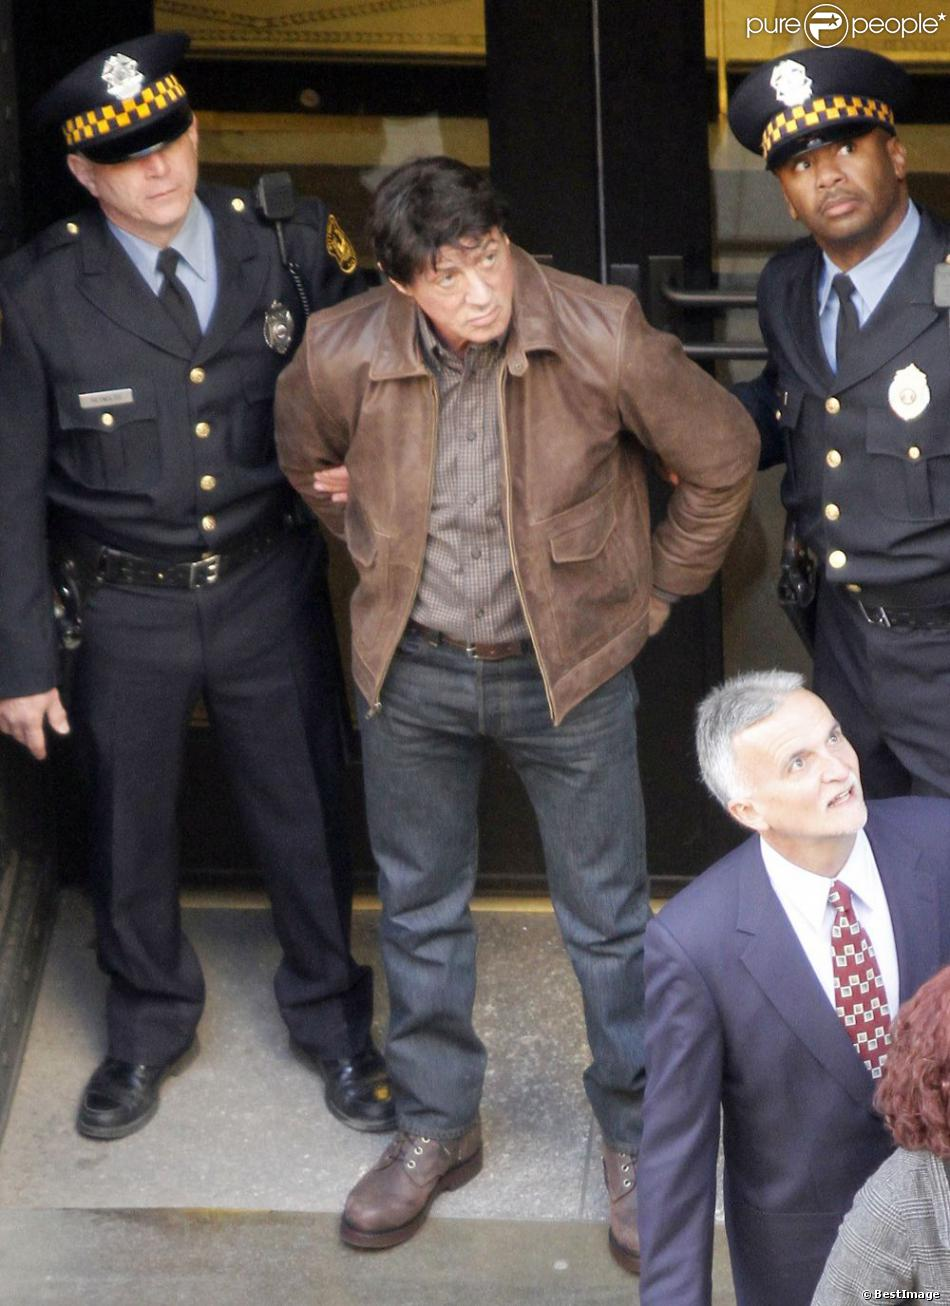 Non, Sylvester Stallone n'a pas été arrêté pour des abus physiques et sexuels qu'aurait subi sa demi-soeur Toni-Ann. Il est ici sur le tournage du film Grudge Match à la Nouvelle-Orléans, le 18 janvier 2013.